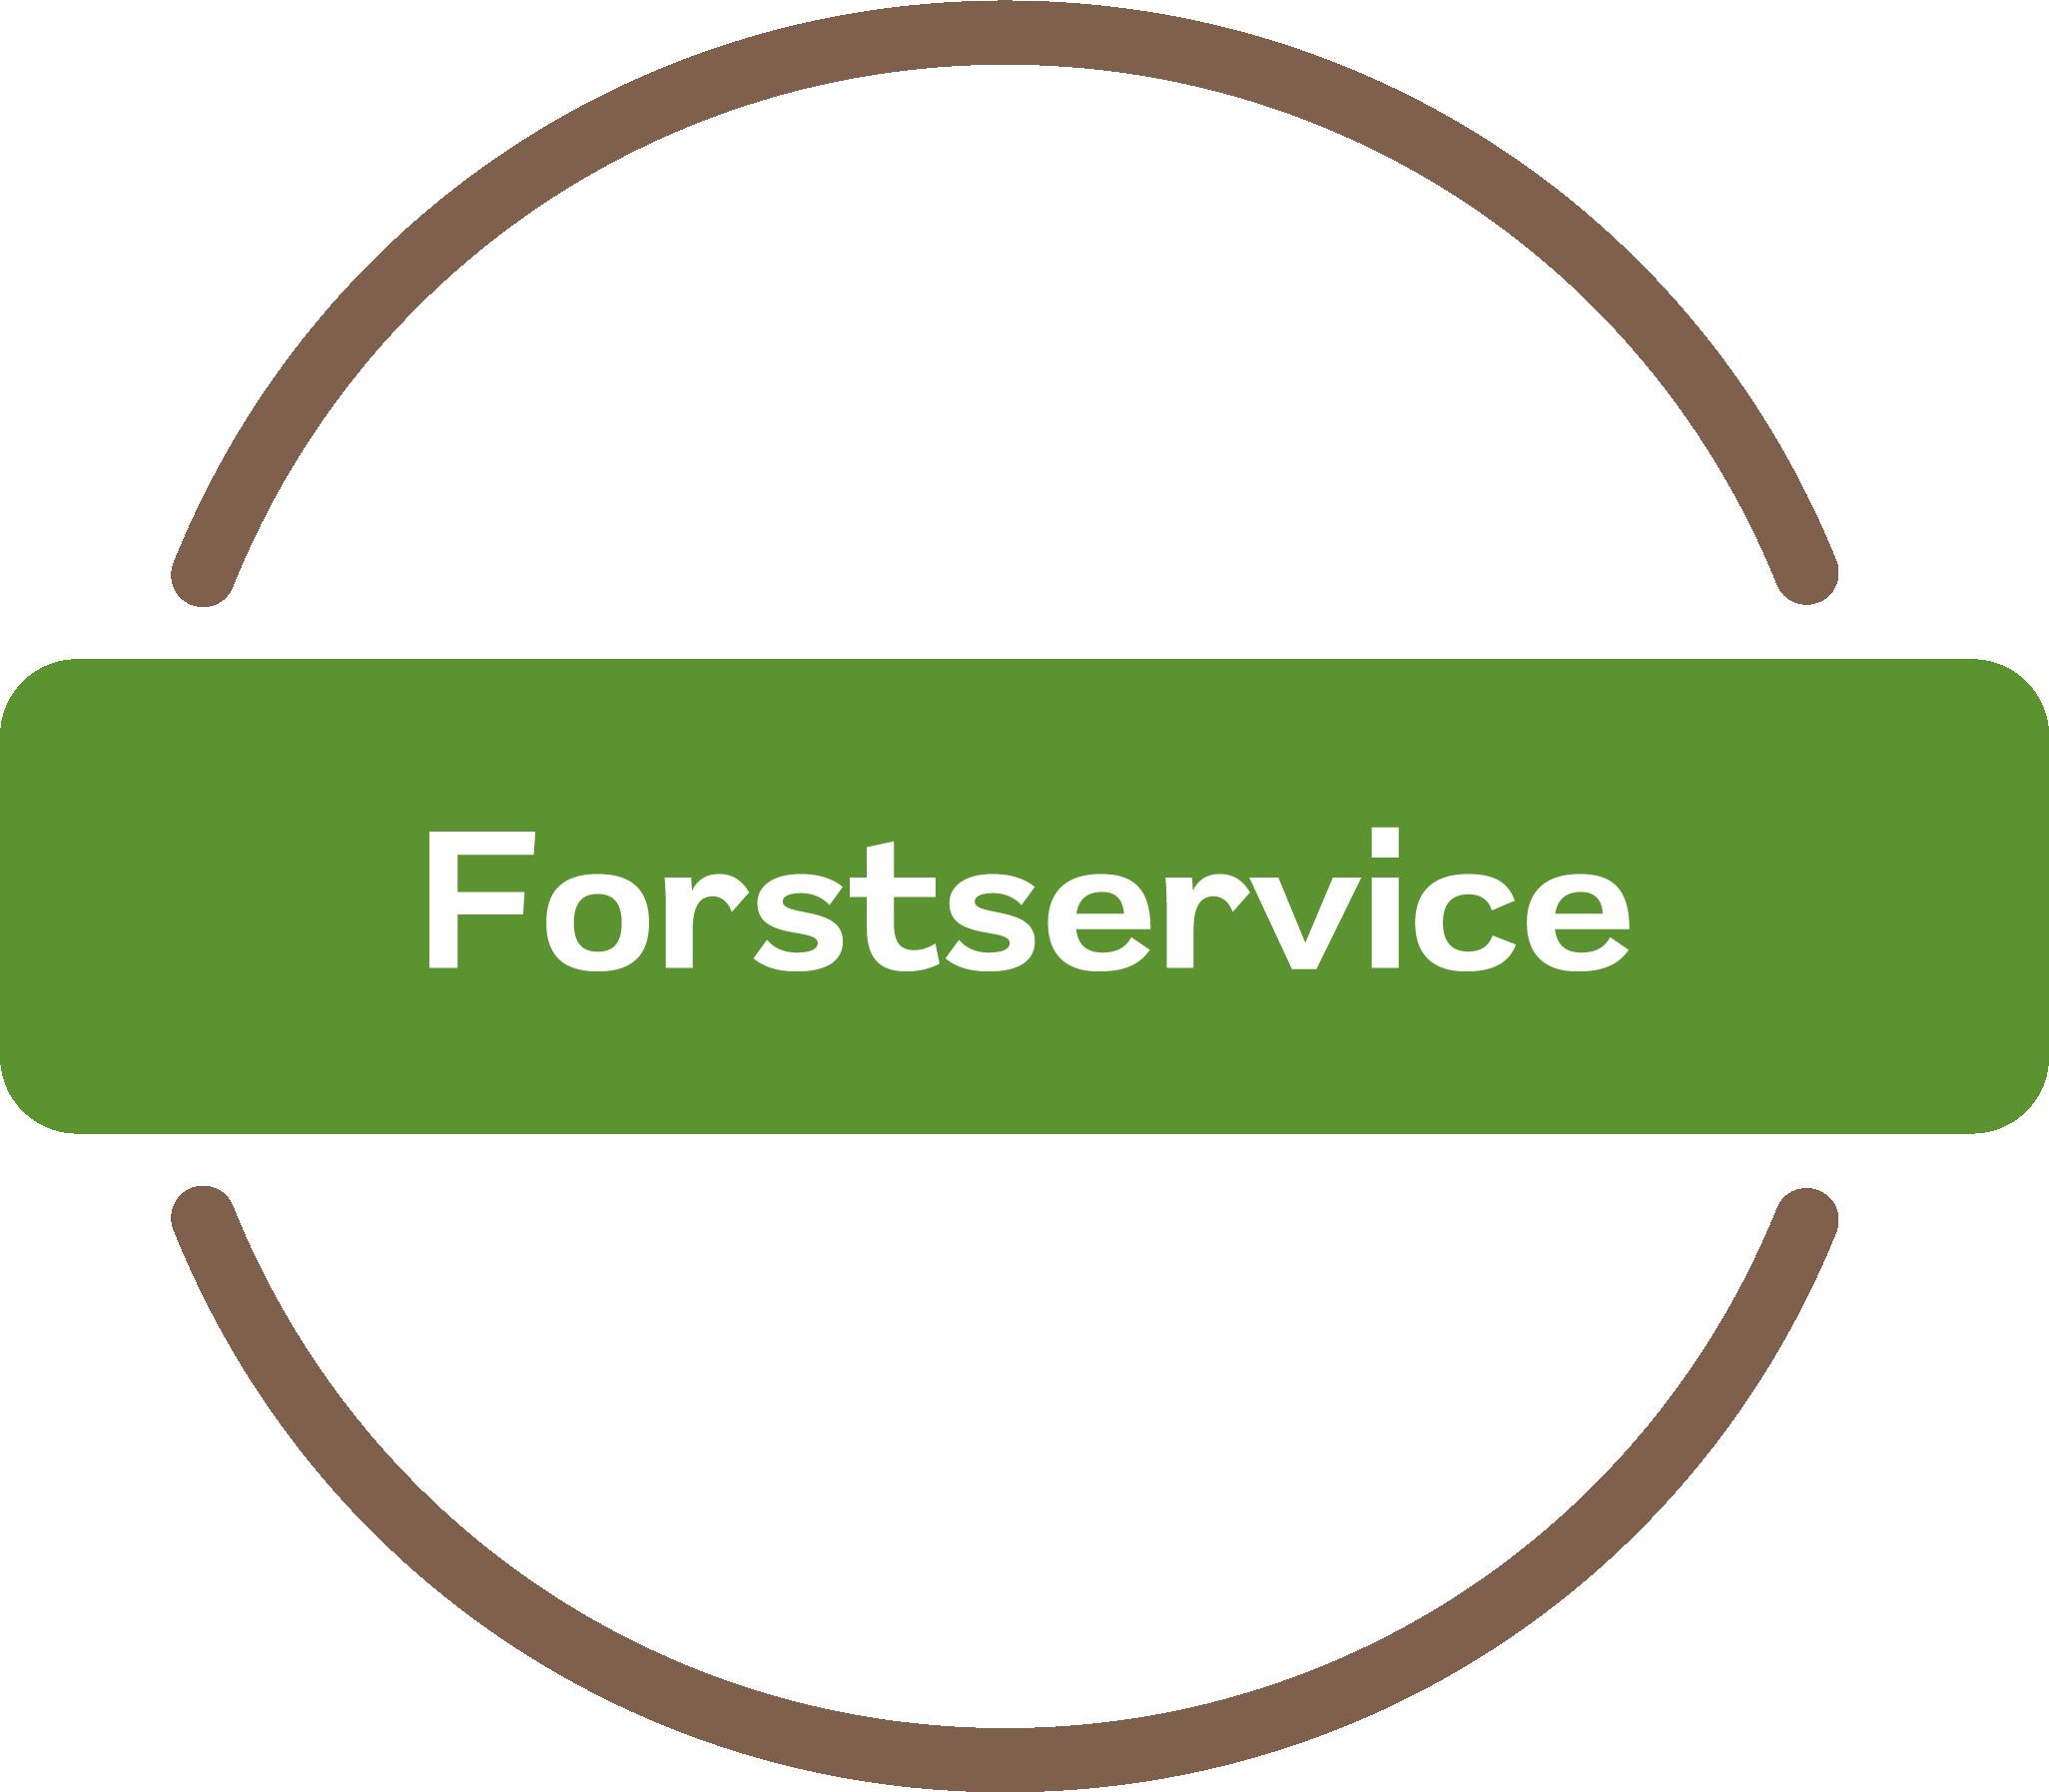 Forstservice Dienstleistung